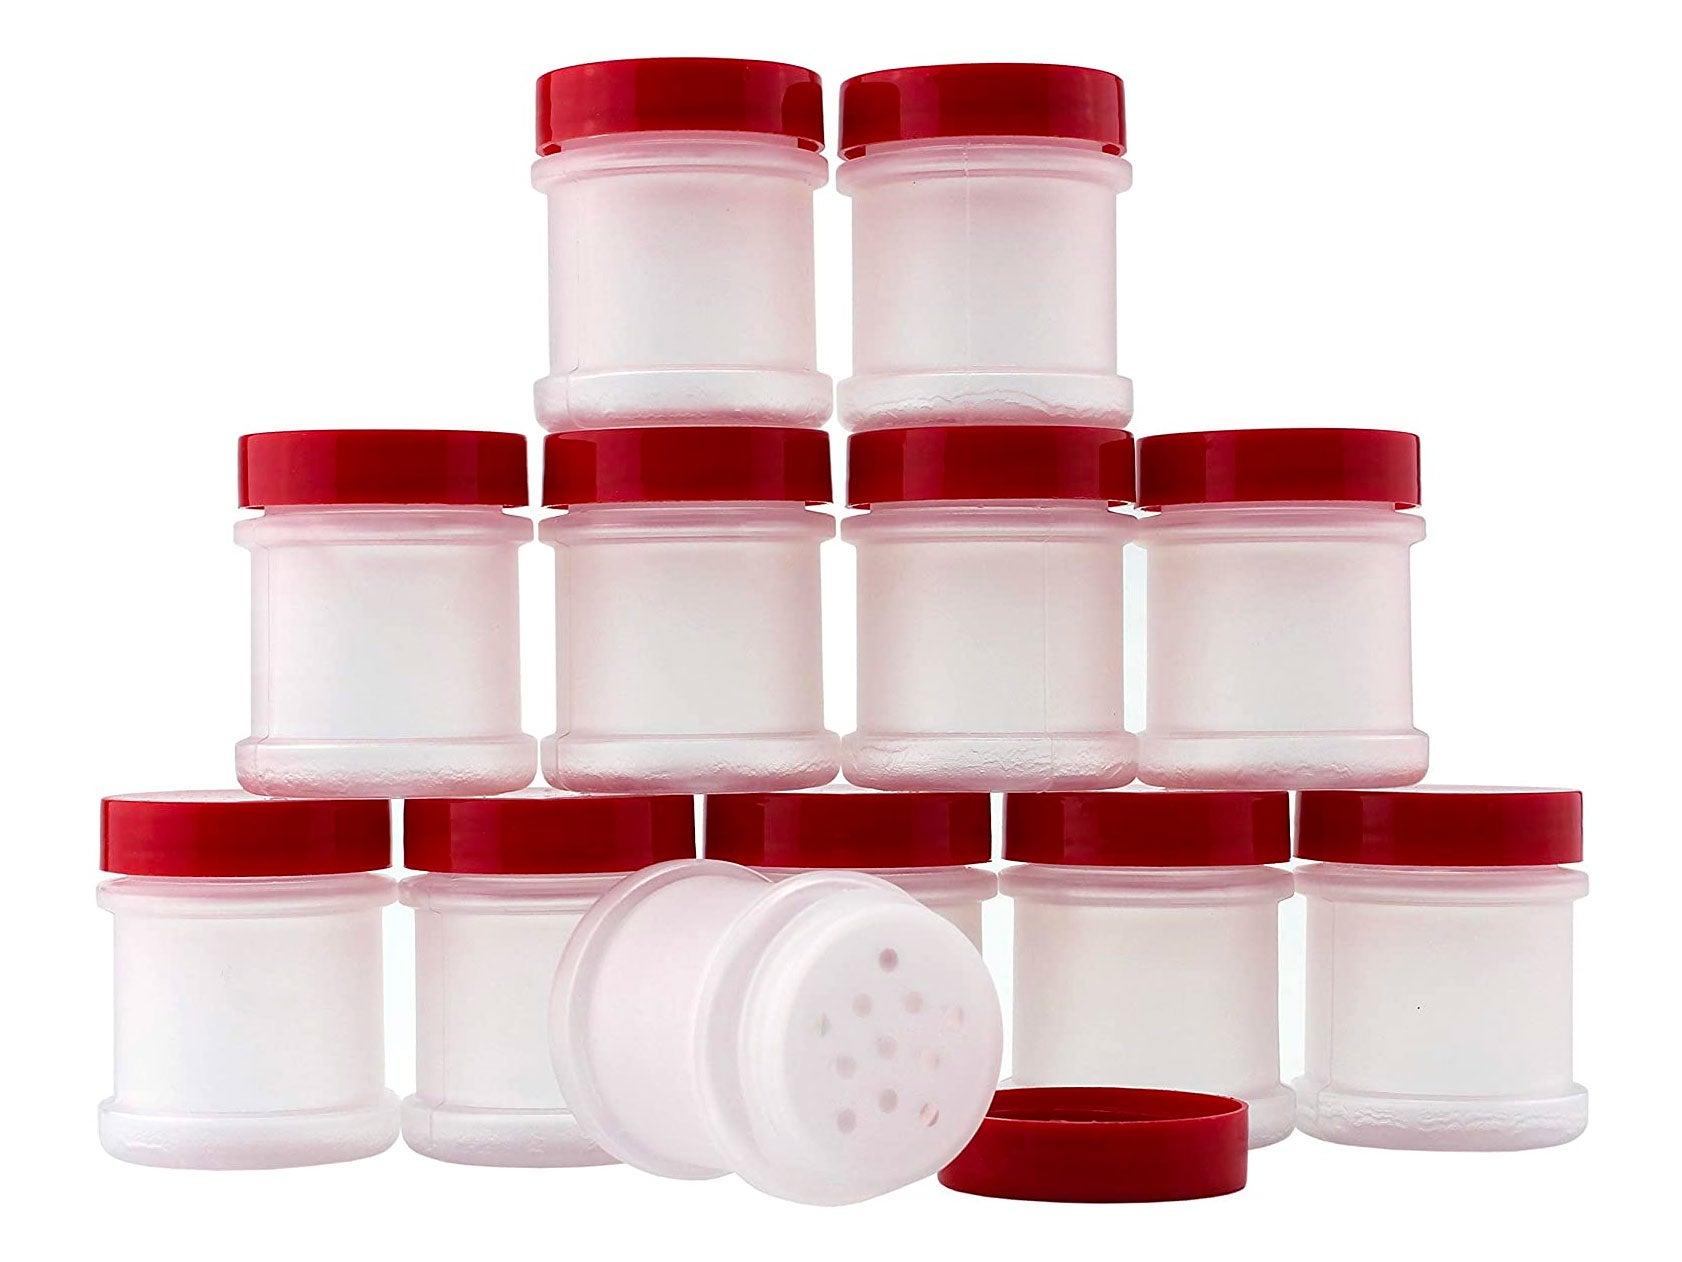 Mini Plastic Spice Jars w/Sifters